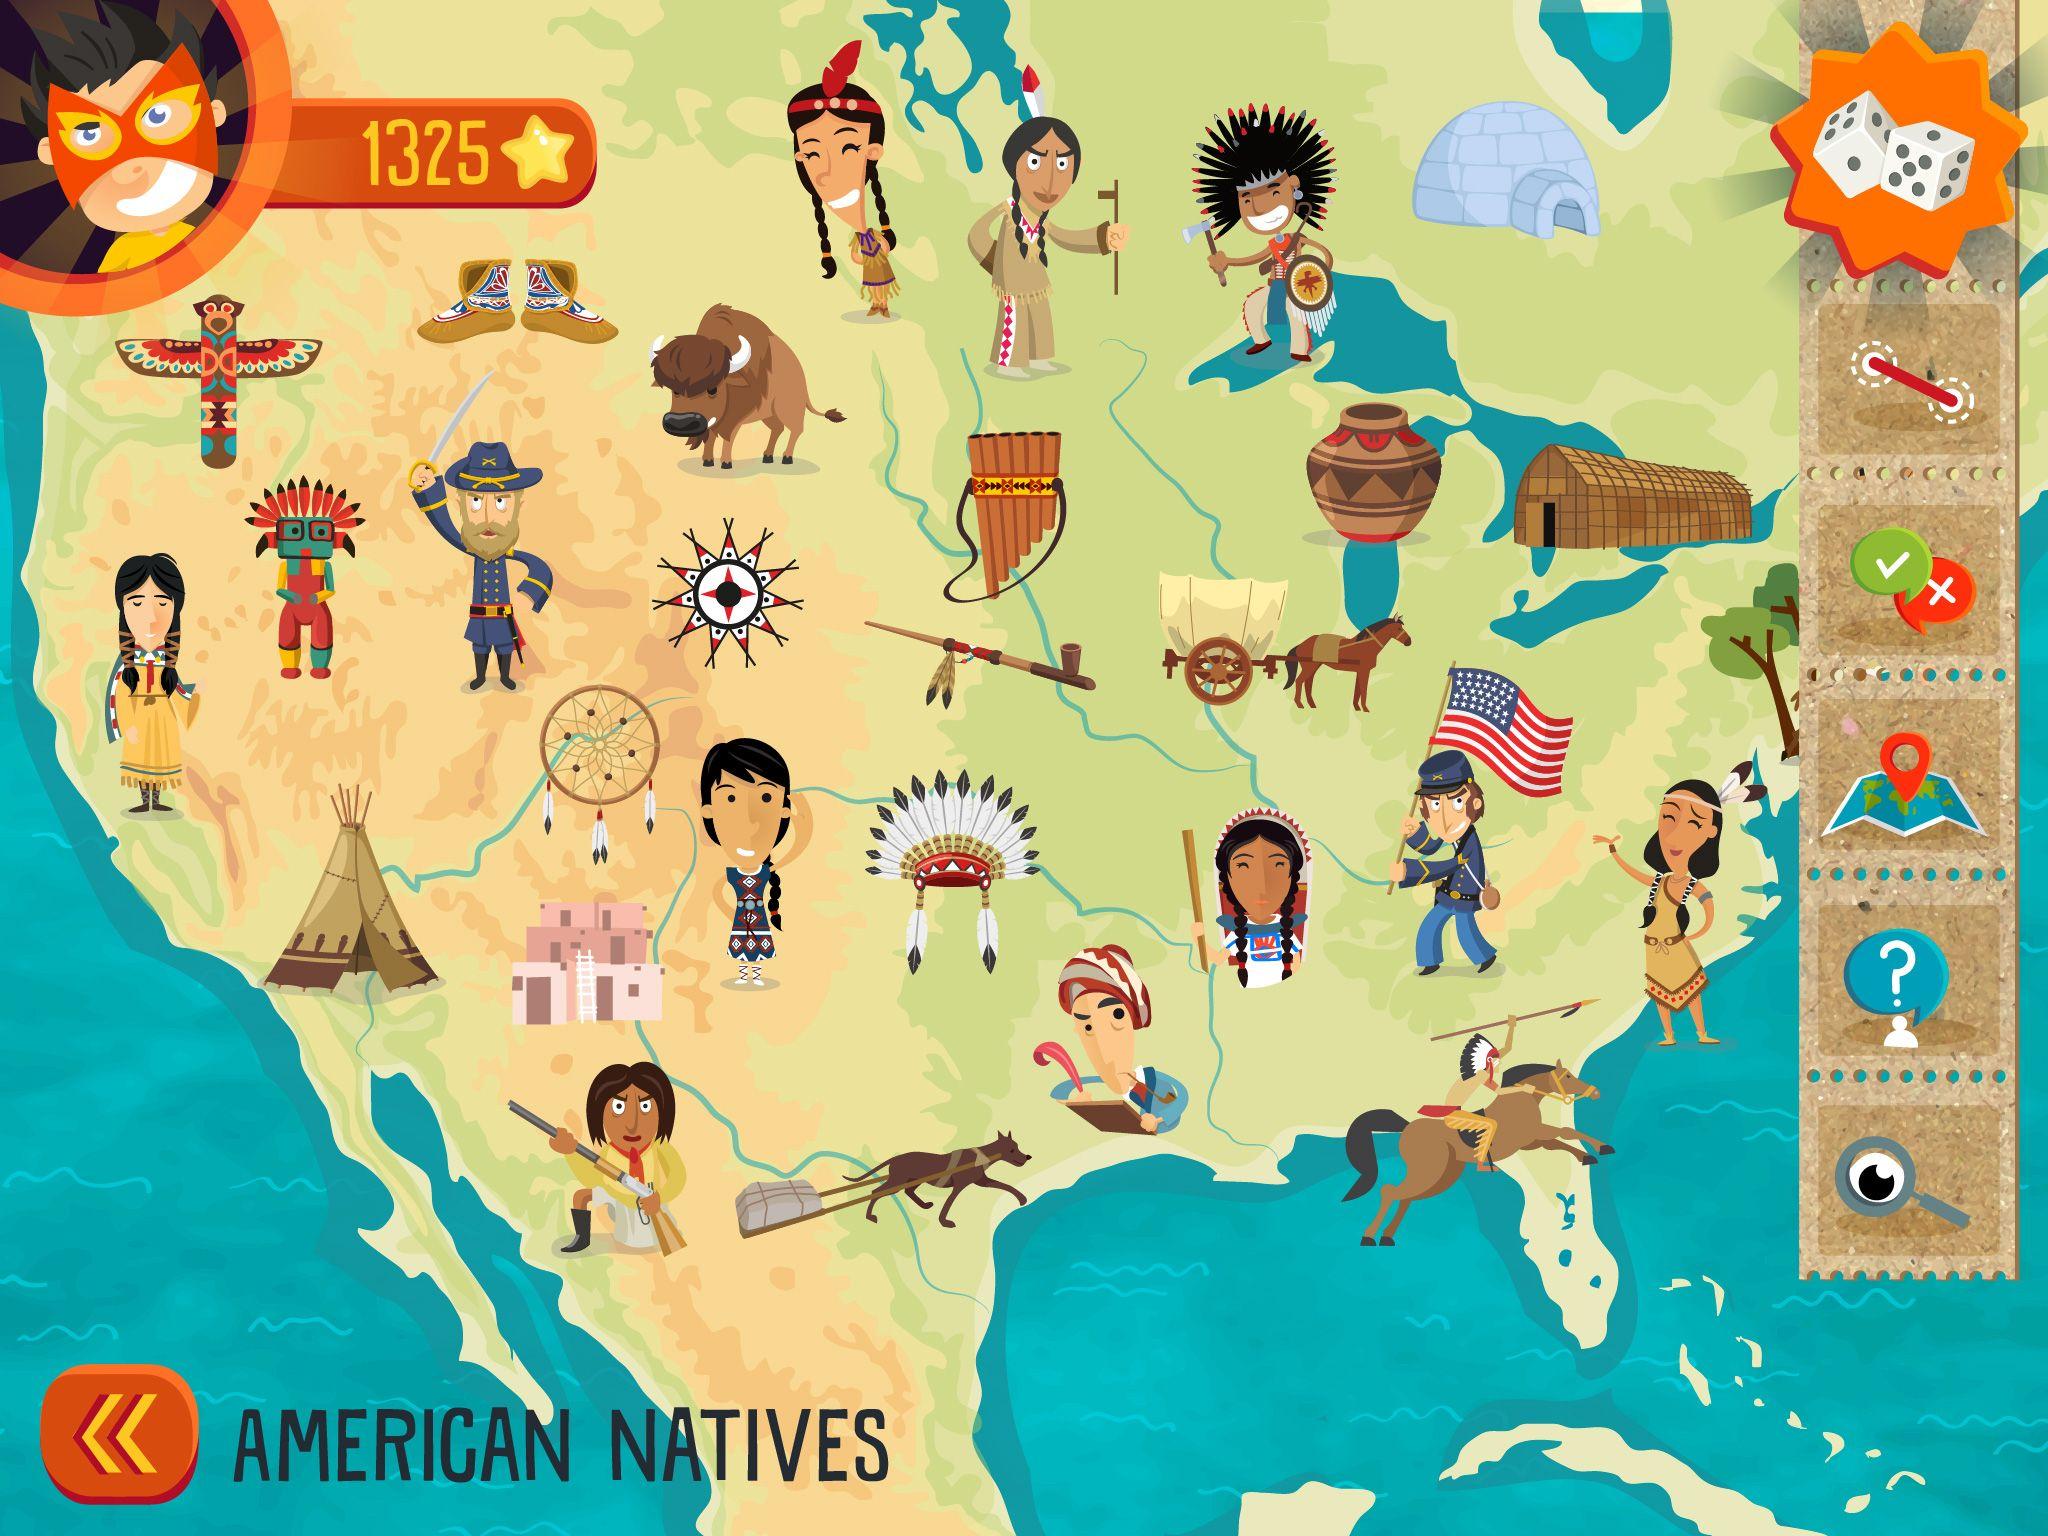 mapa bg 0 natius americans mapa bg. | APP | Pinterest | Target audience  mapa bg